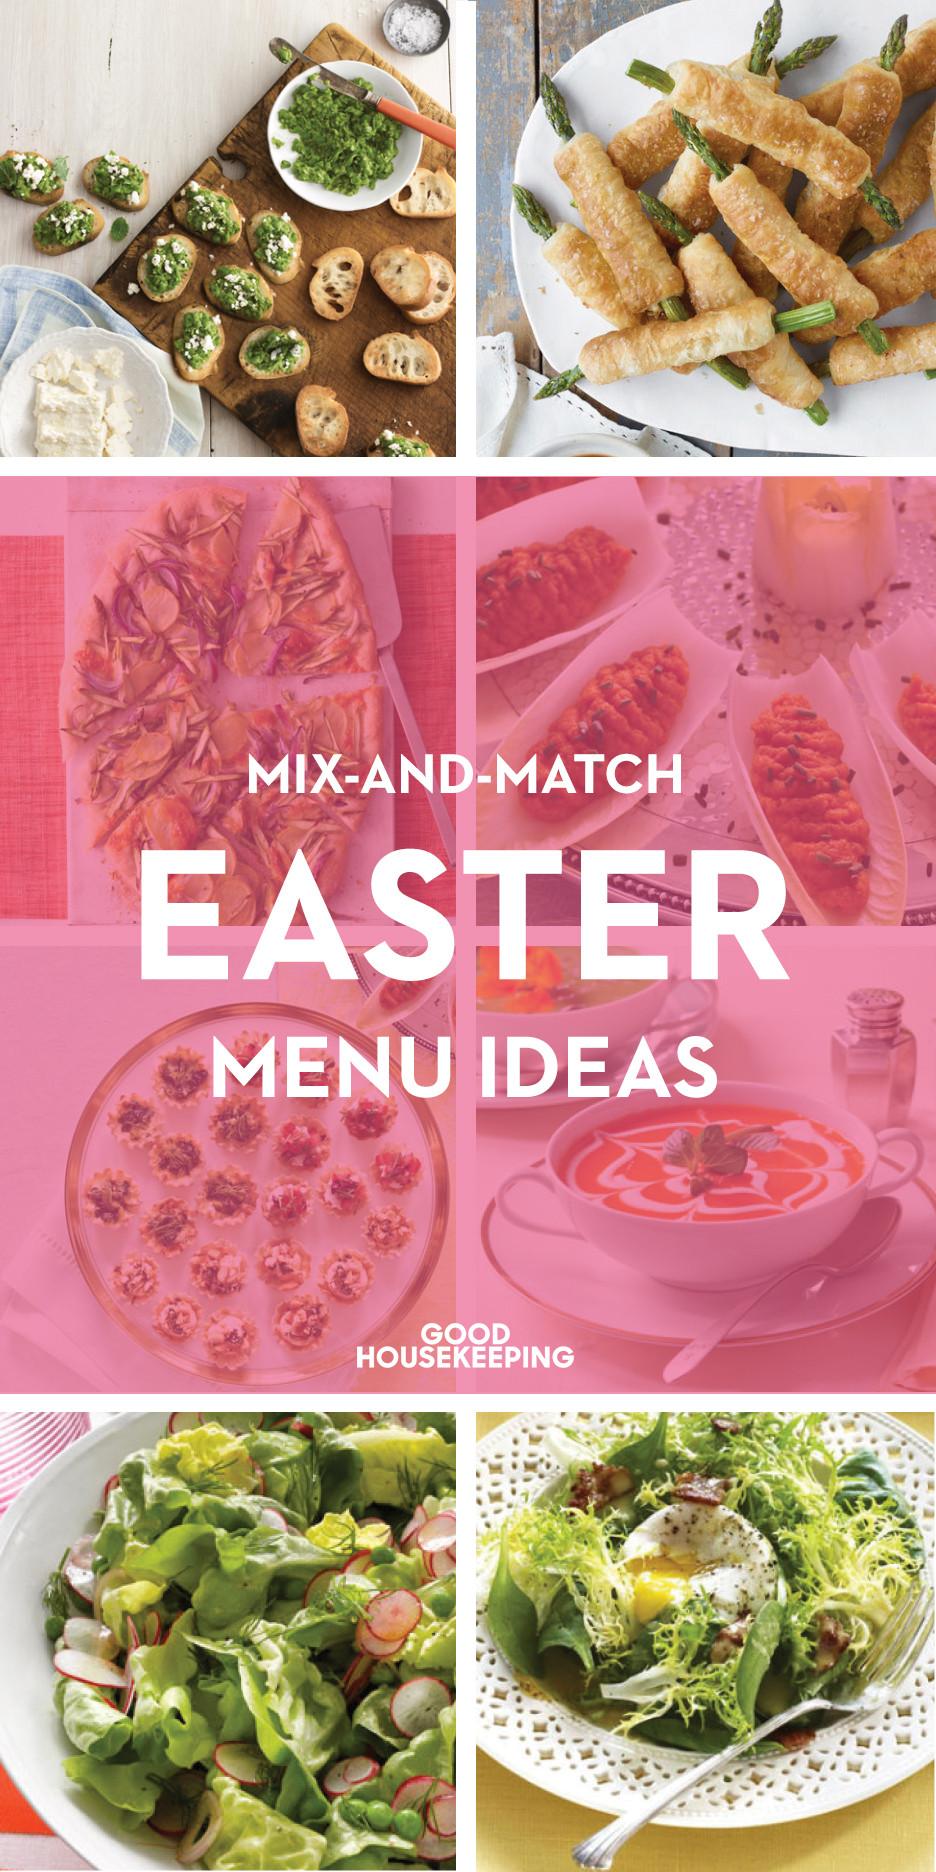 Easter Dinner Menu  65 Easter Dinner Menu Ideas Easy Recipes for Easter Dinner